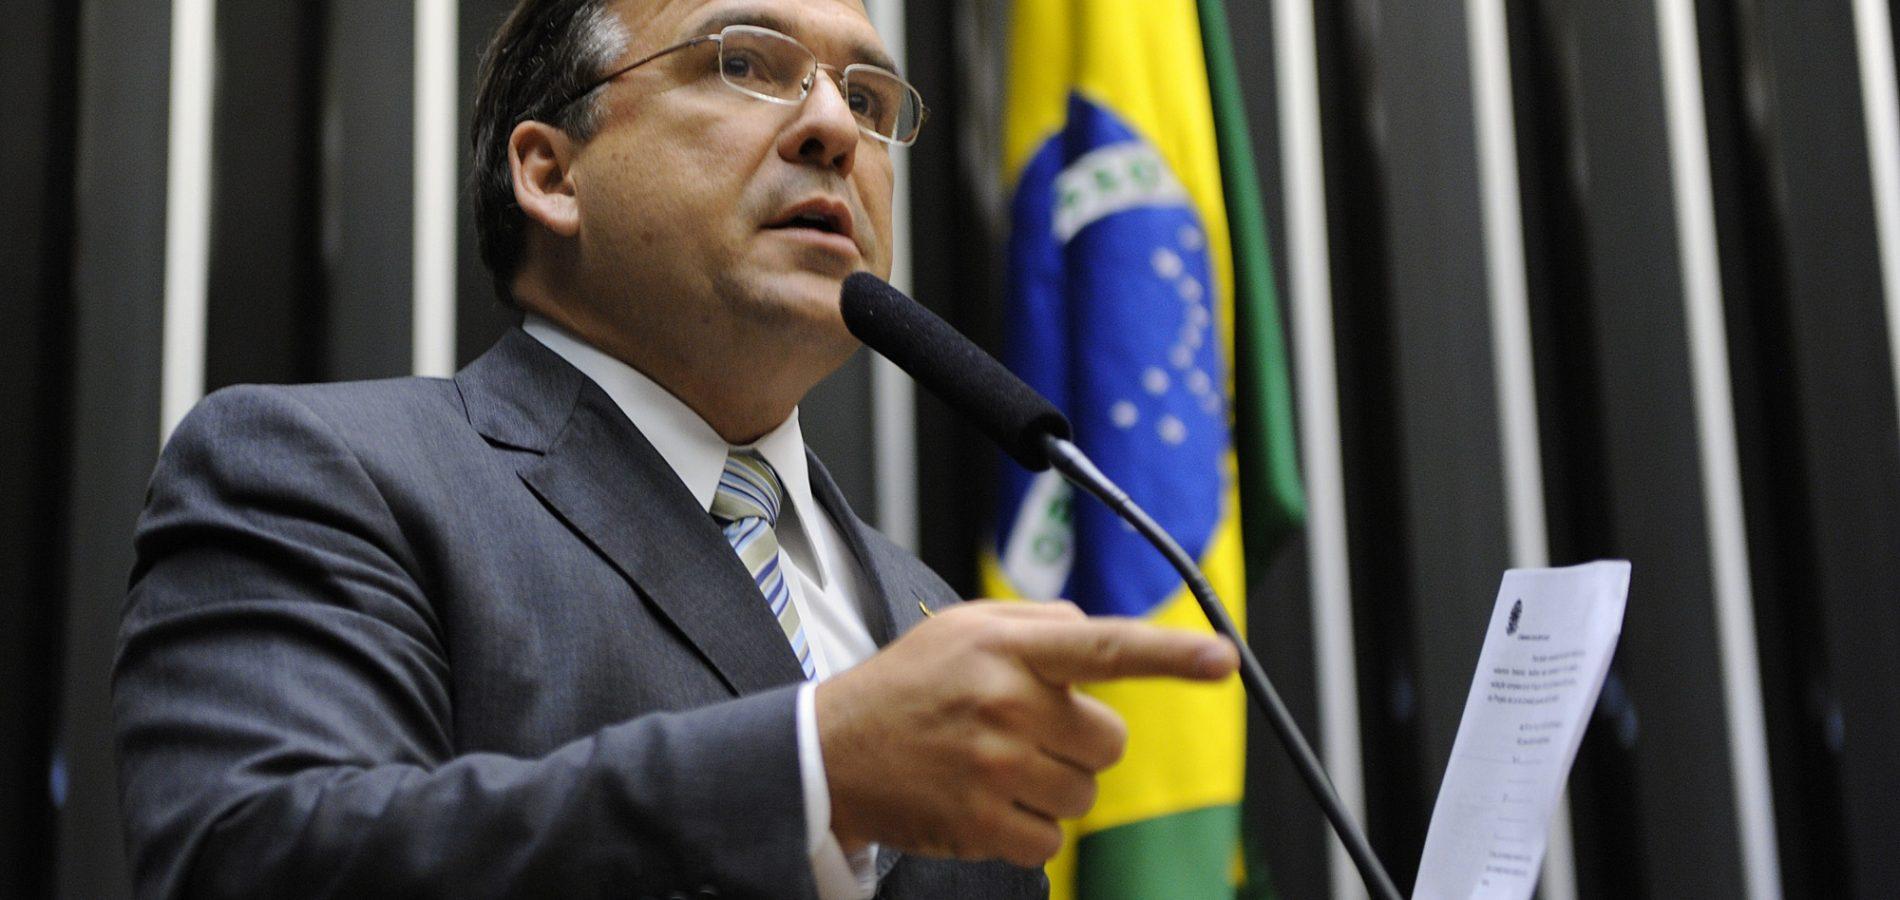 Sandro Mabel pede demissão e é o 4º assessor de Temer a deixar o governo